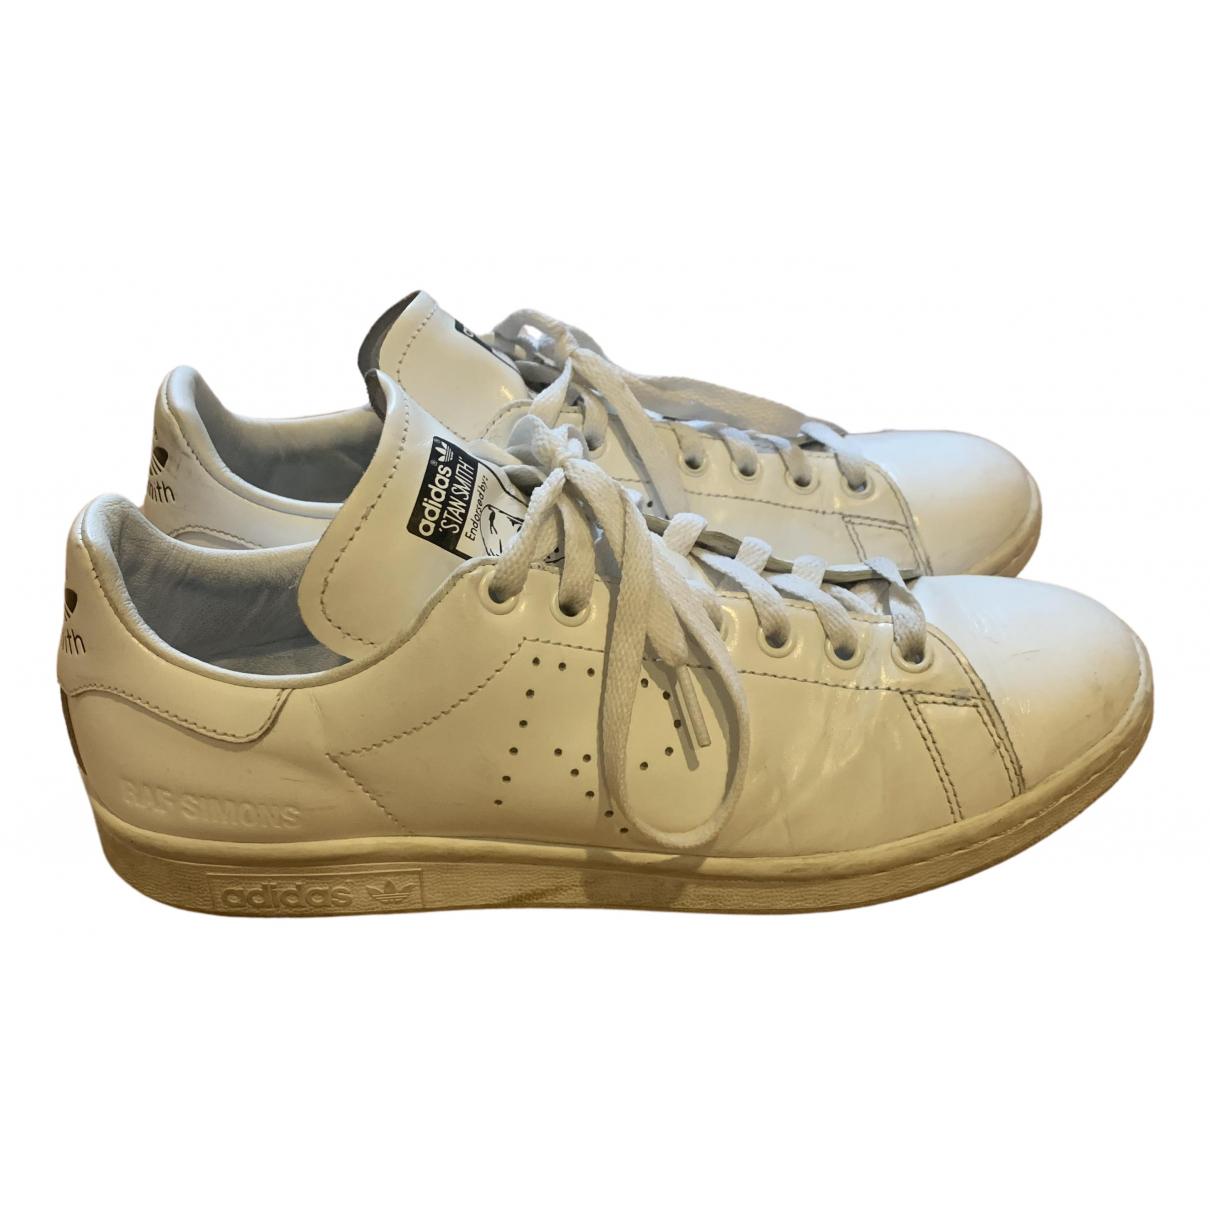 Adidas X Raf Simons Stan Smith White Leather Trainers for Men 42 EU